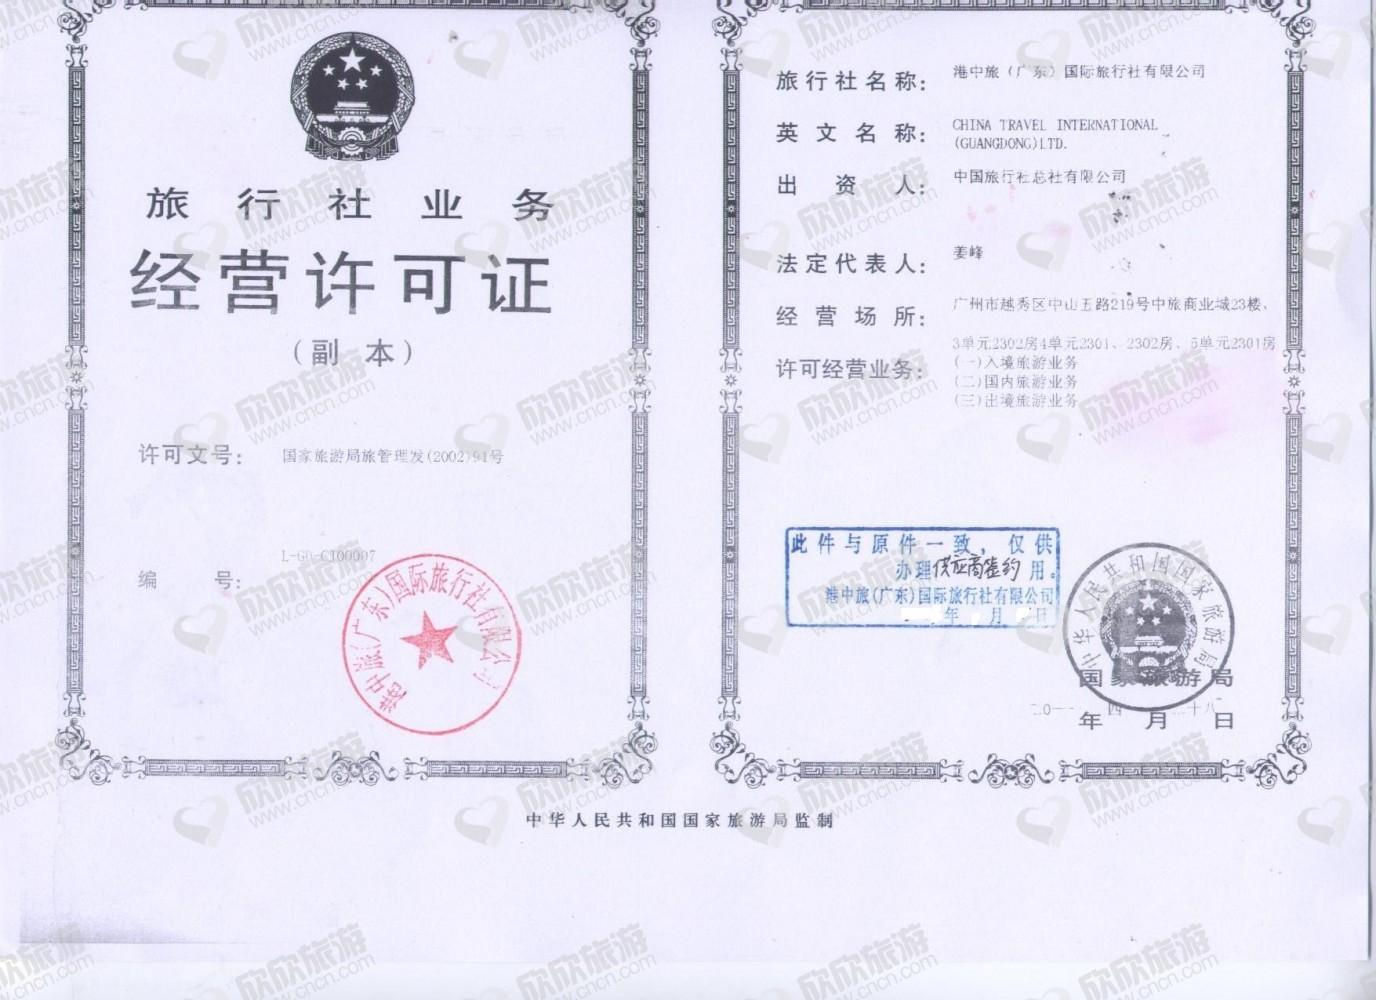 港中旅(广东)国际旅行社有限公司经营许可证